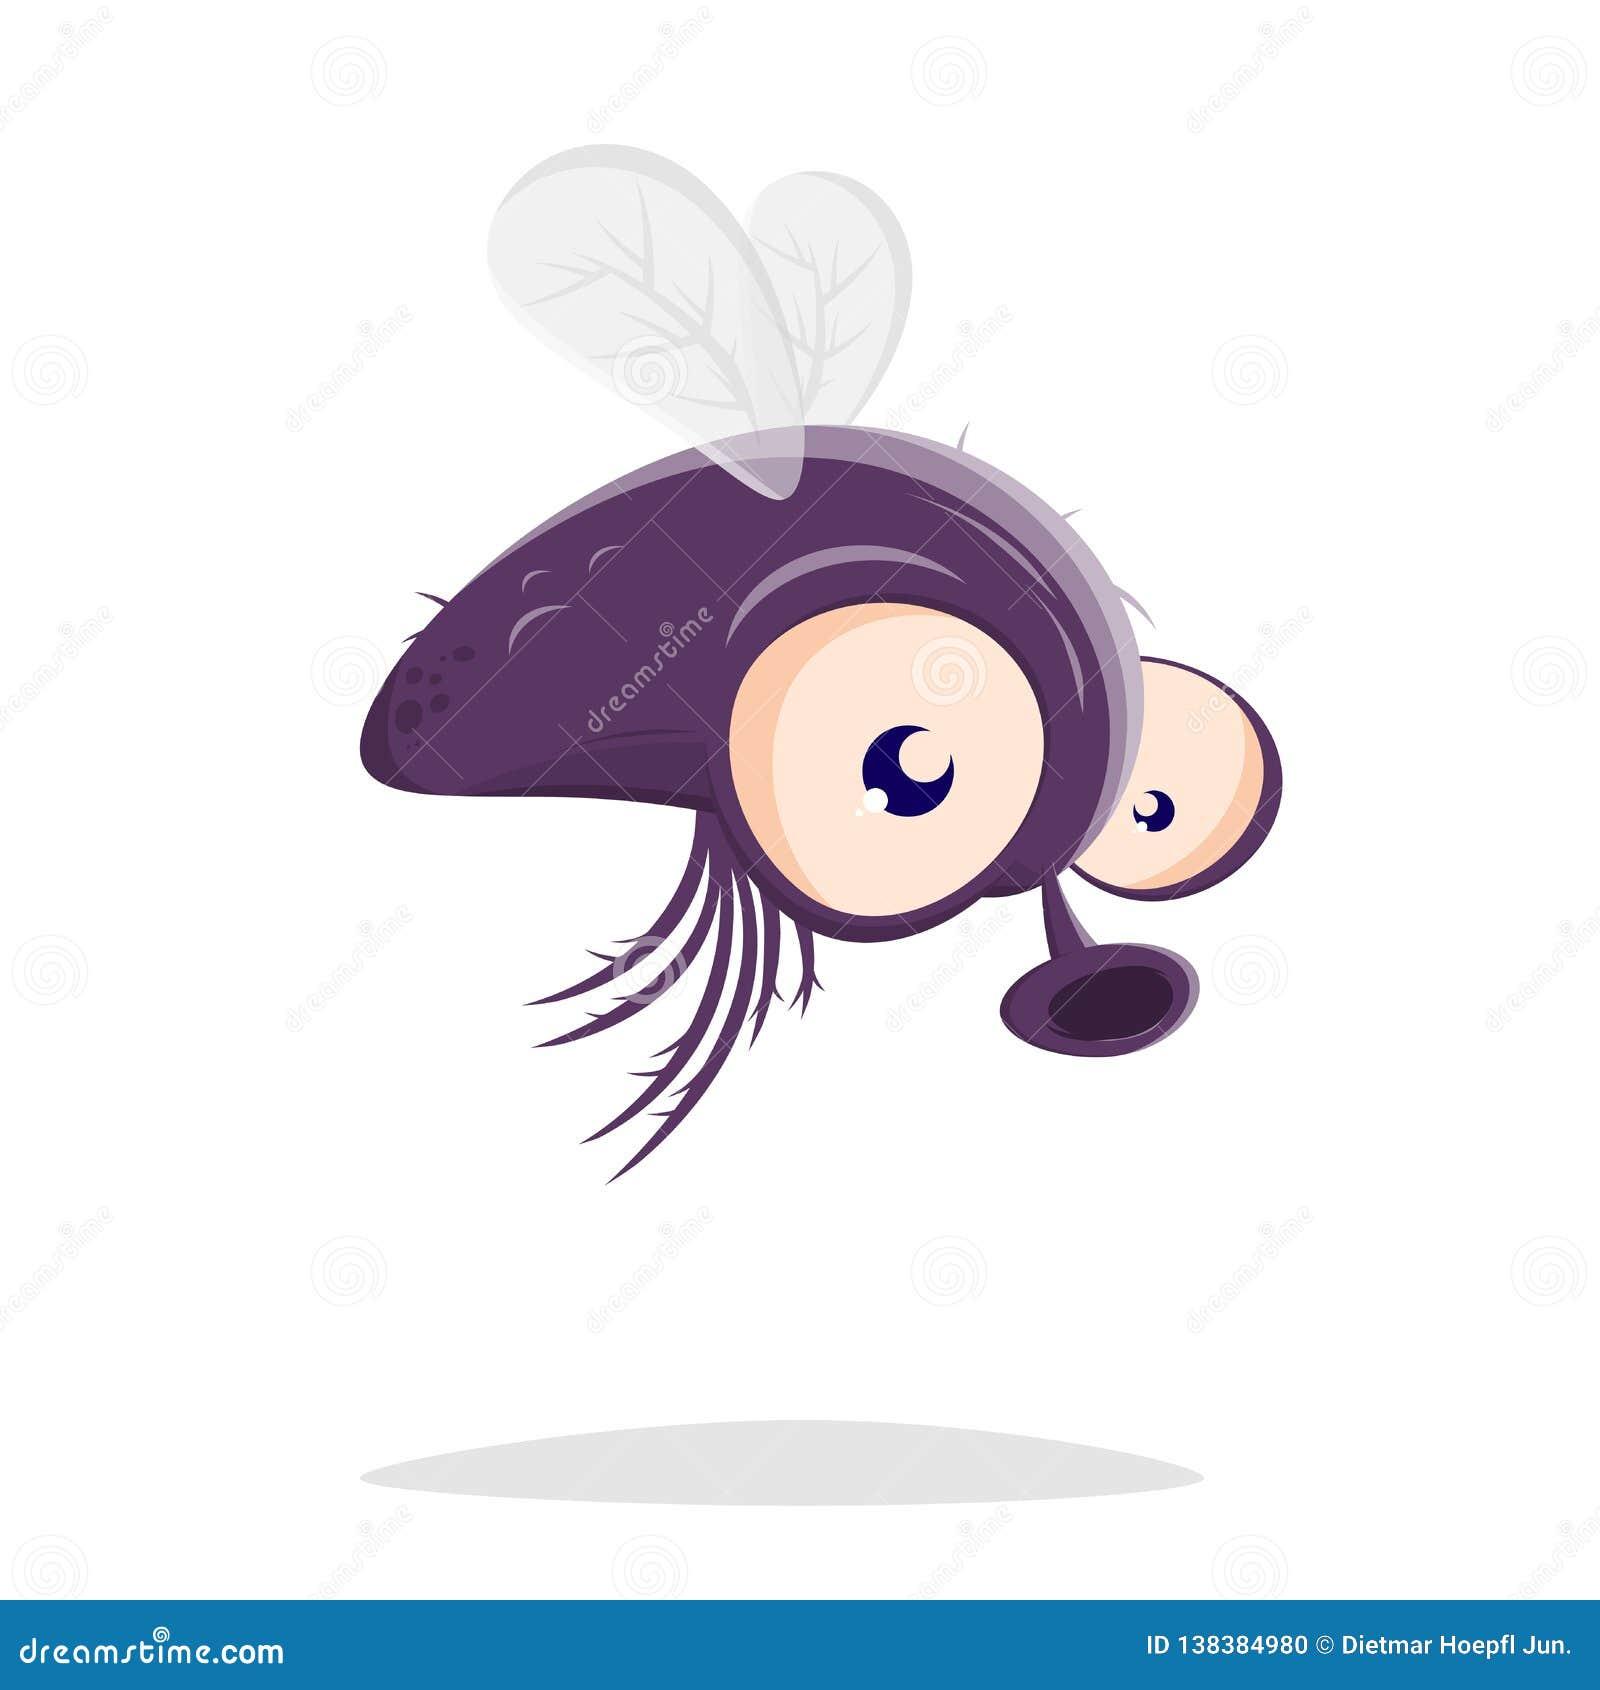 Cartoon illustration of a fly